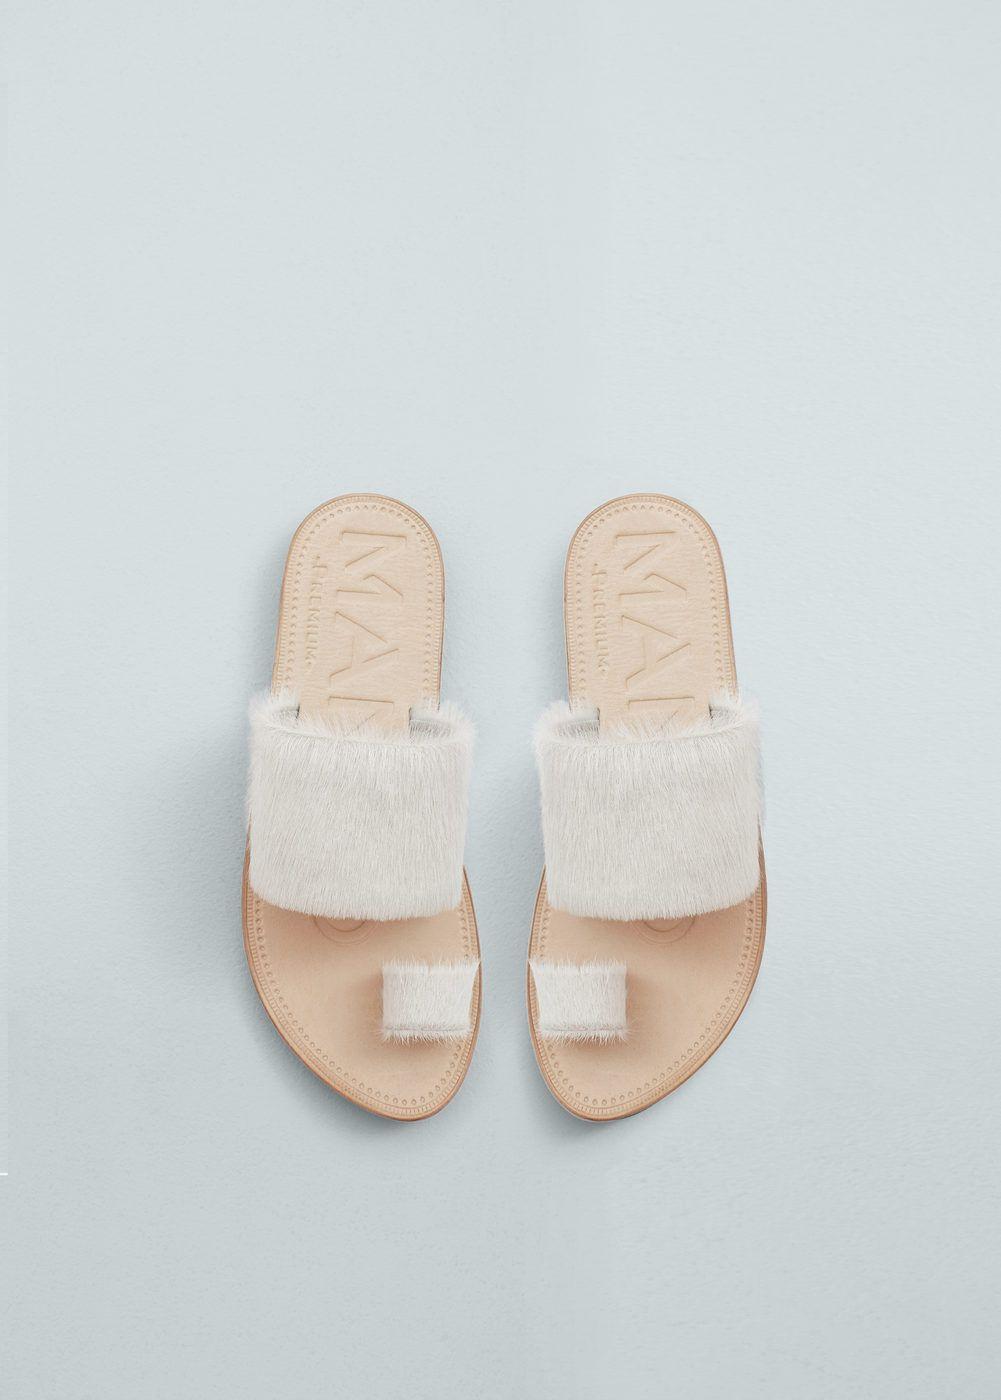 02445eebcd1 Sandalia piel pelo - Zapatos de Mujer